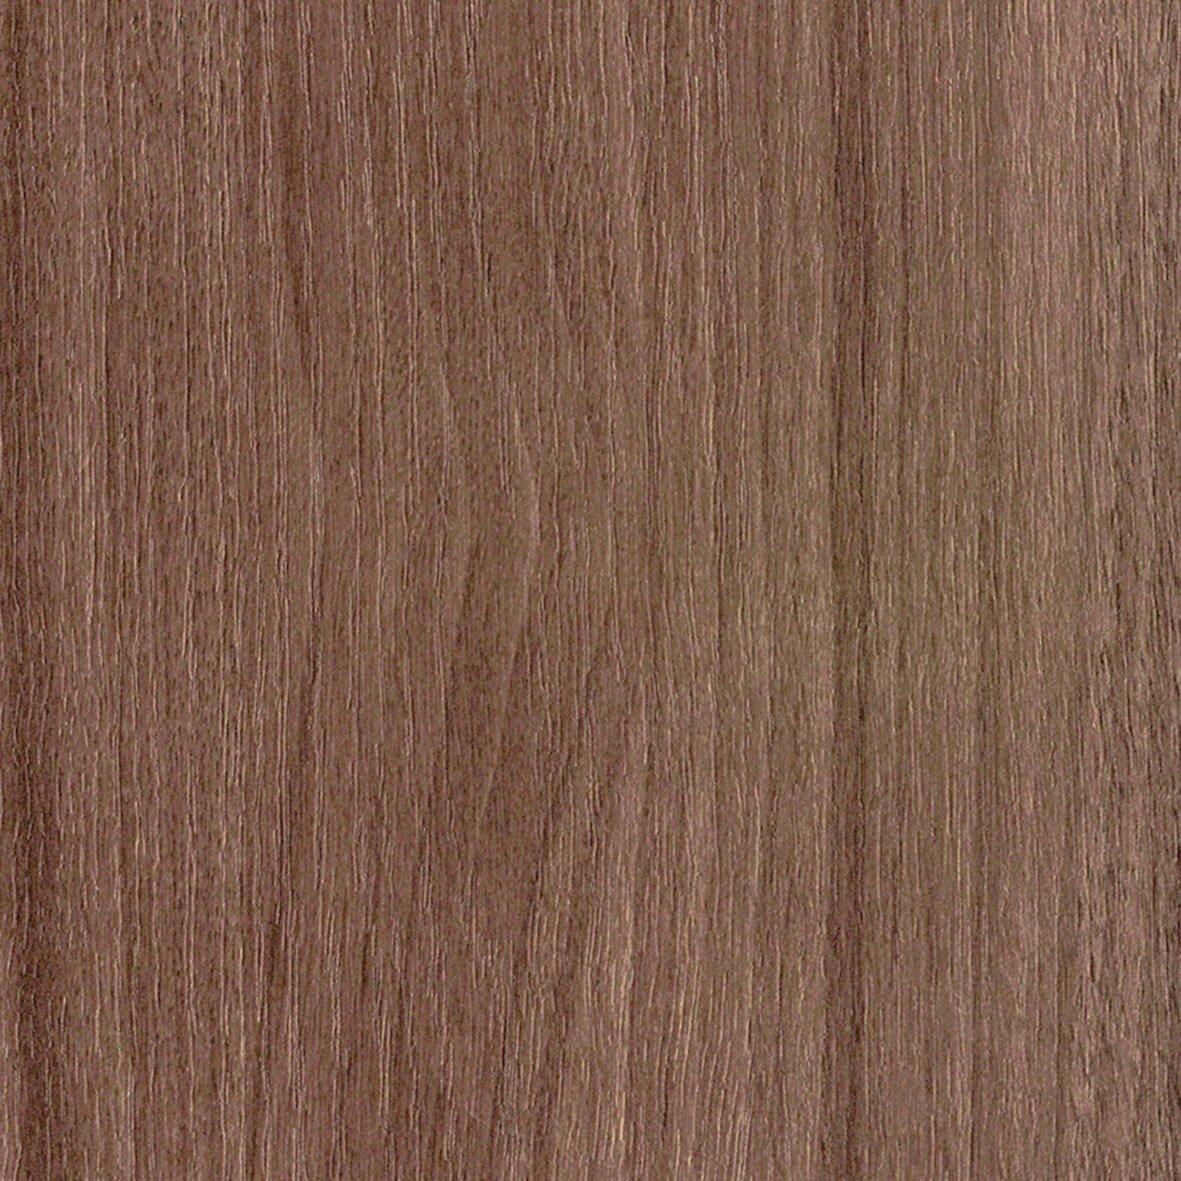 リリカラ 壁紙37m ナチュラル 木目調 ブラウン LL-8798 B01N3KW1Y8 37m|ブラウン1